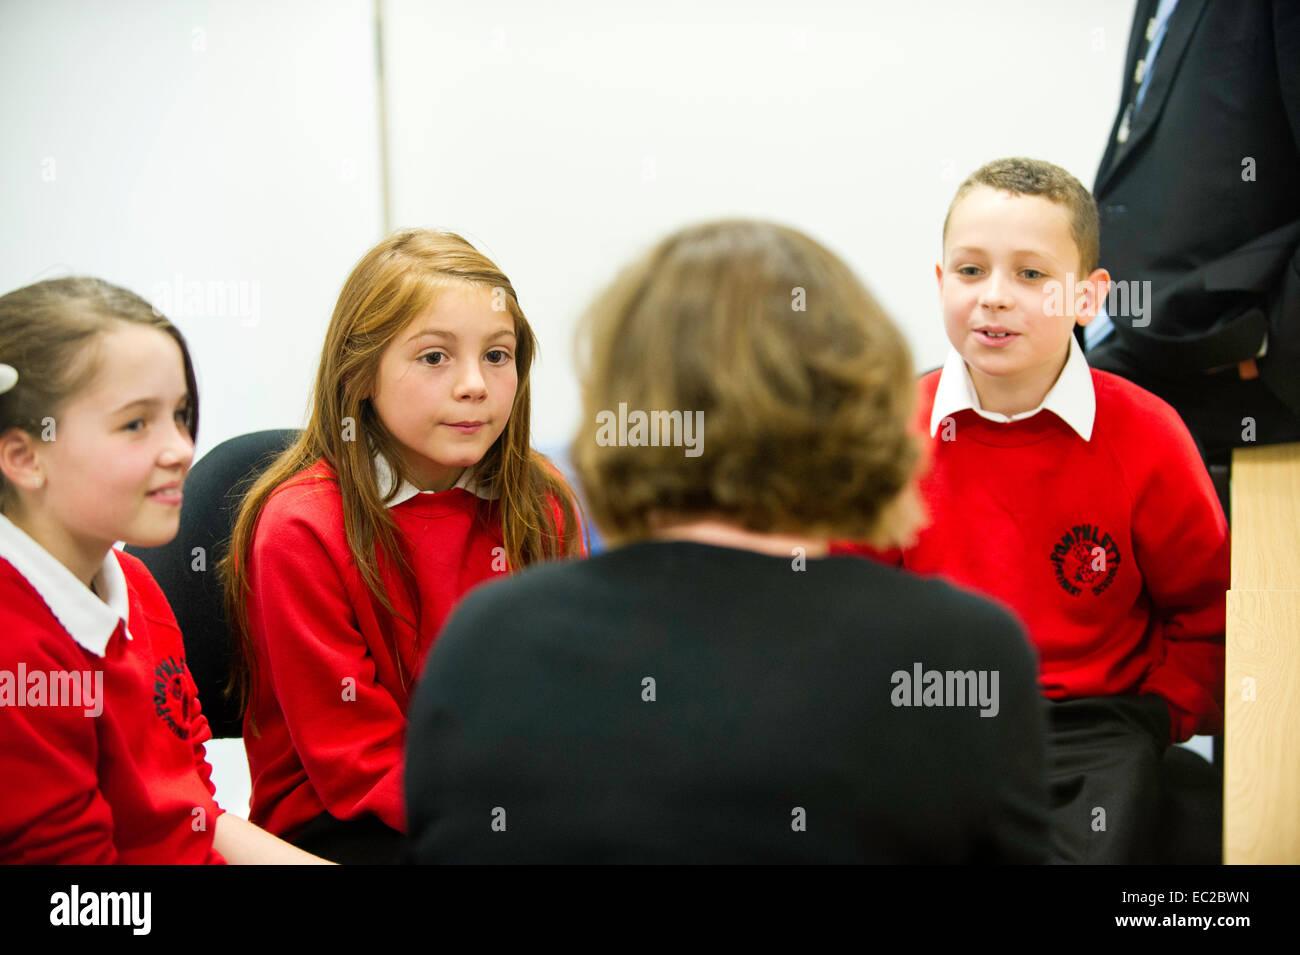 Lehrerin für 3 Kinder zu erziehen Stockbild